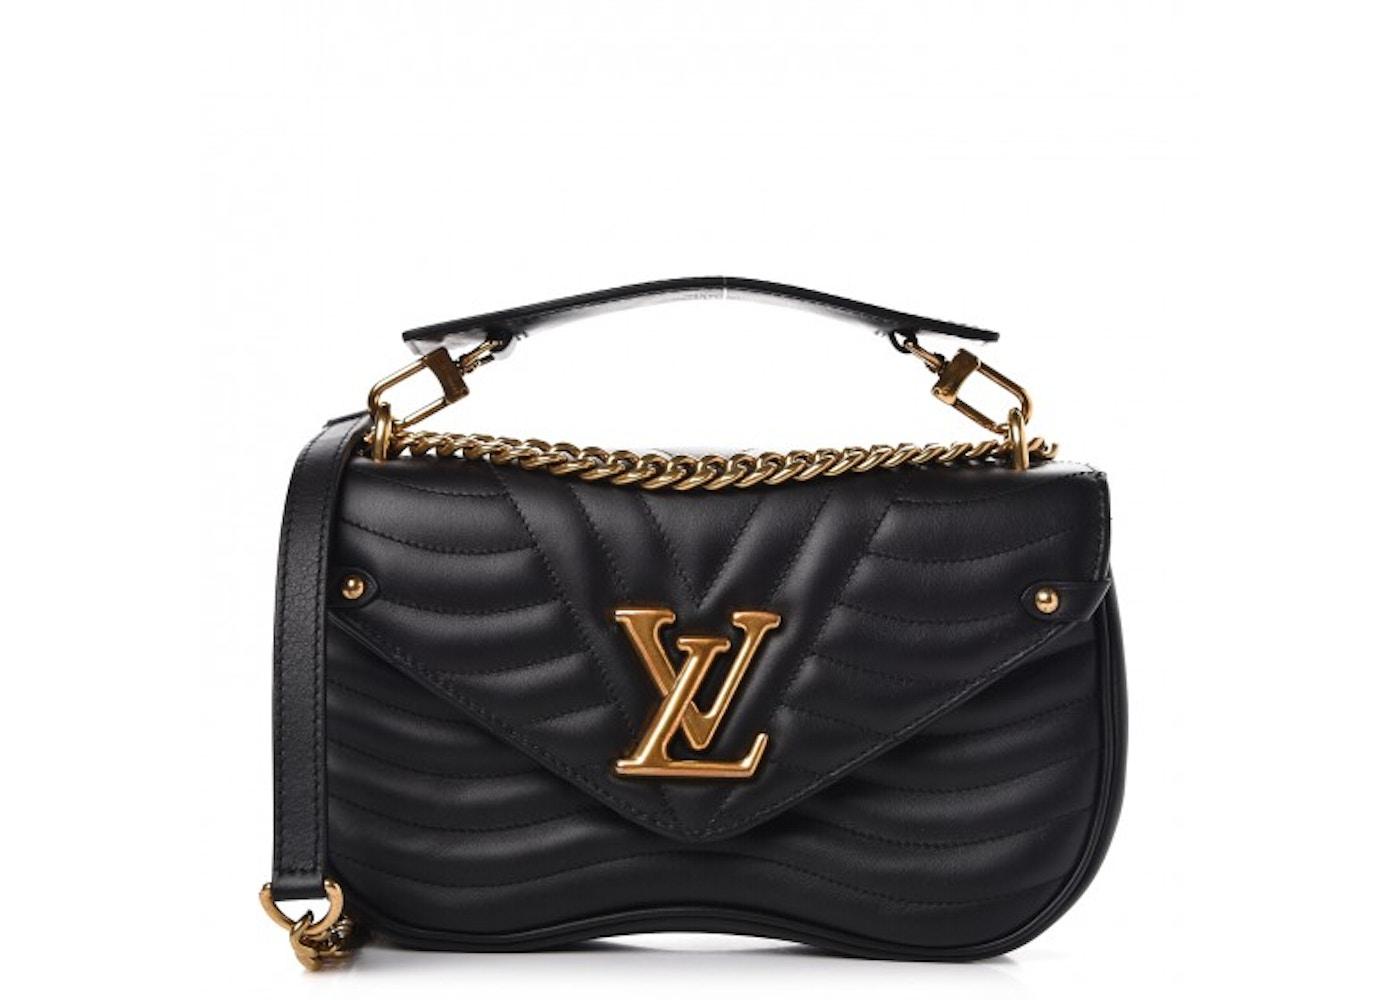 Louis Vuitton New Wave Chain Bag Mm Black